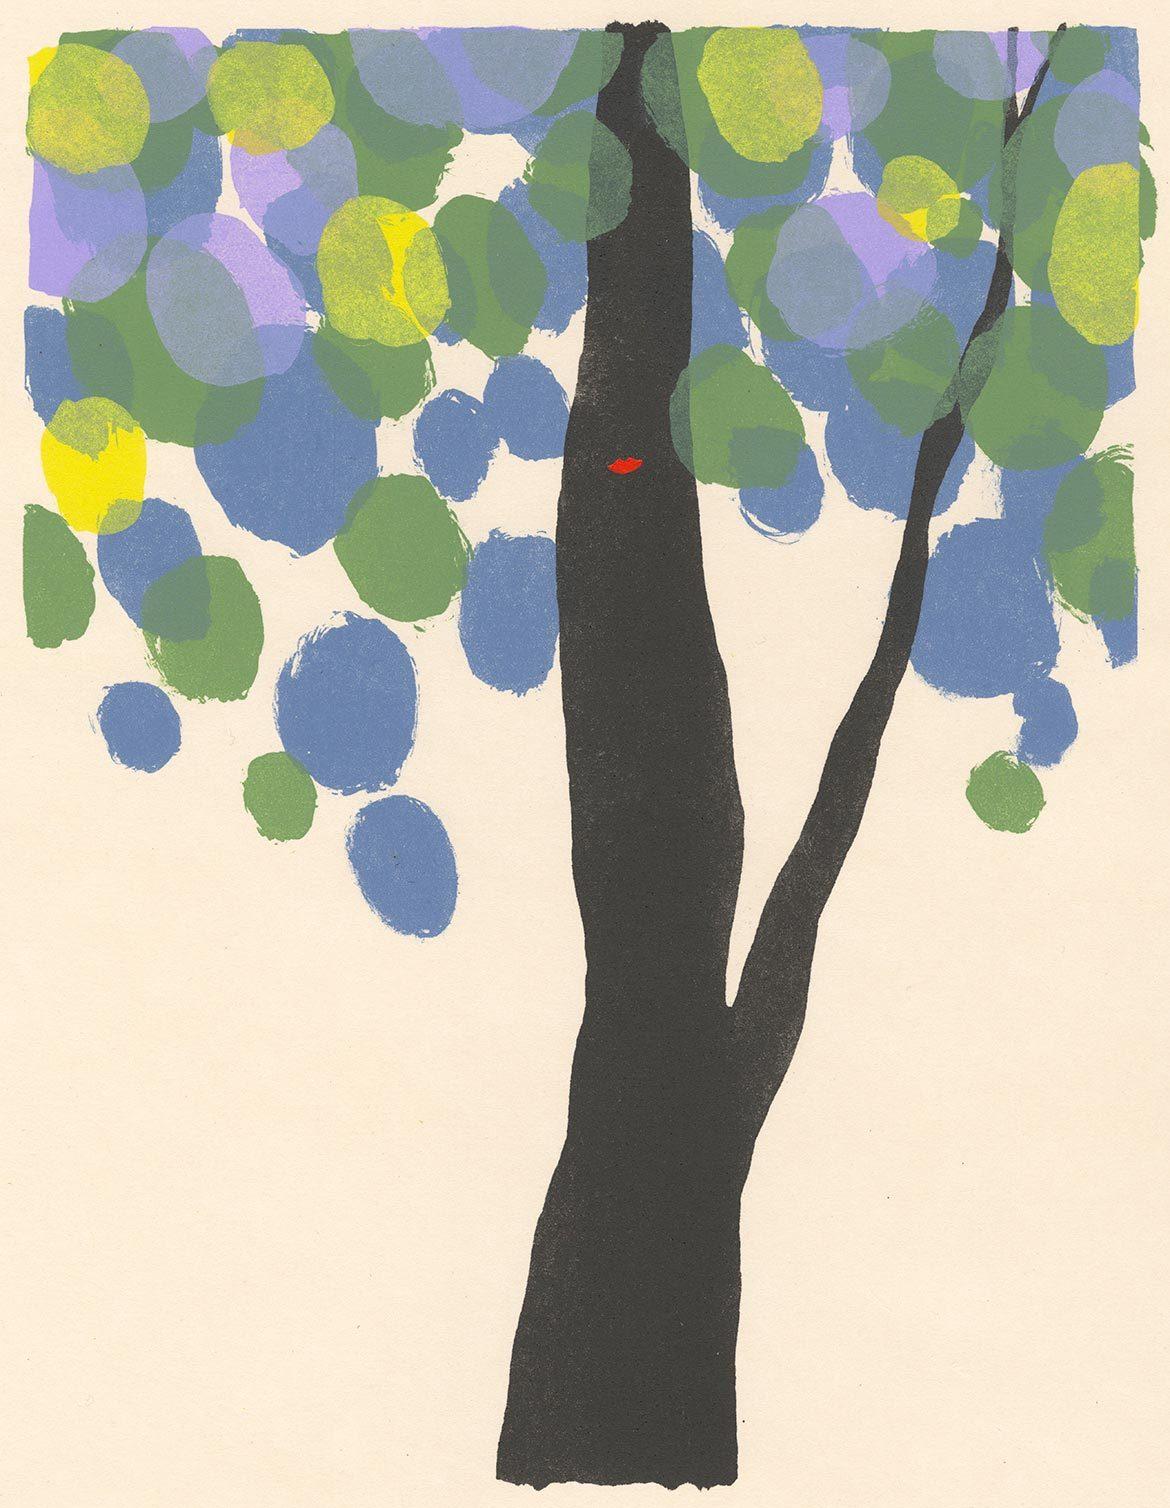 nomoco_tree-woman-1170x1508-1.jpg